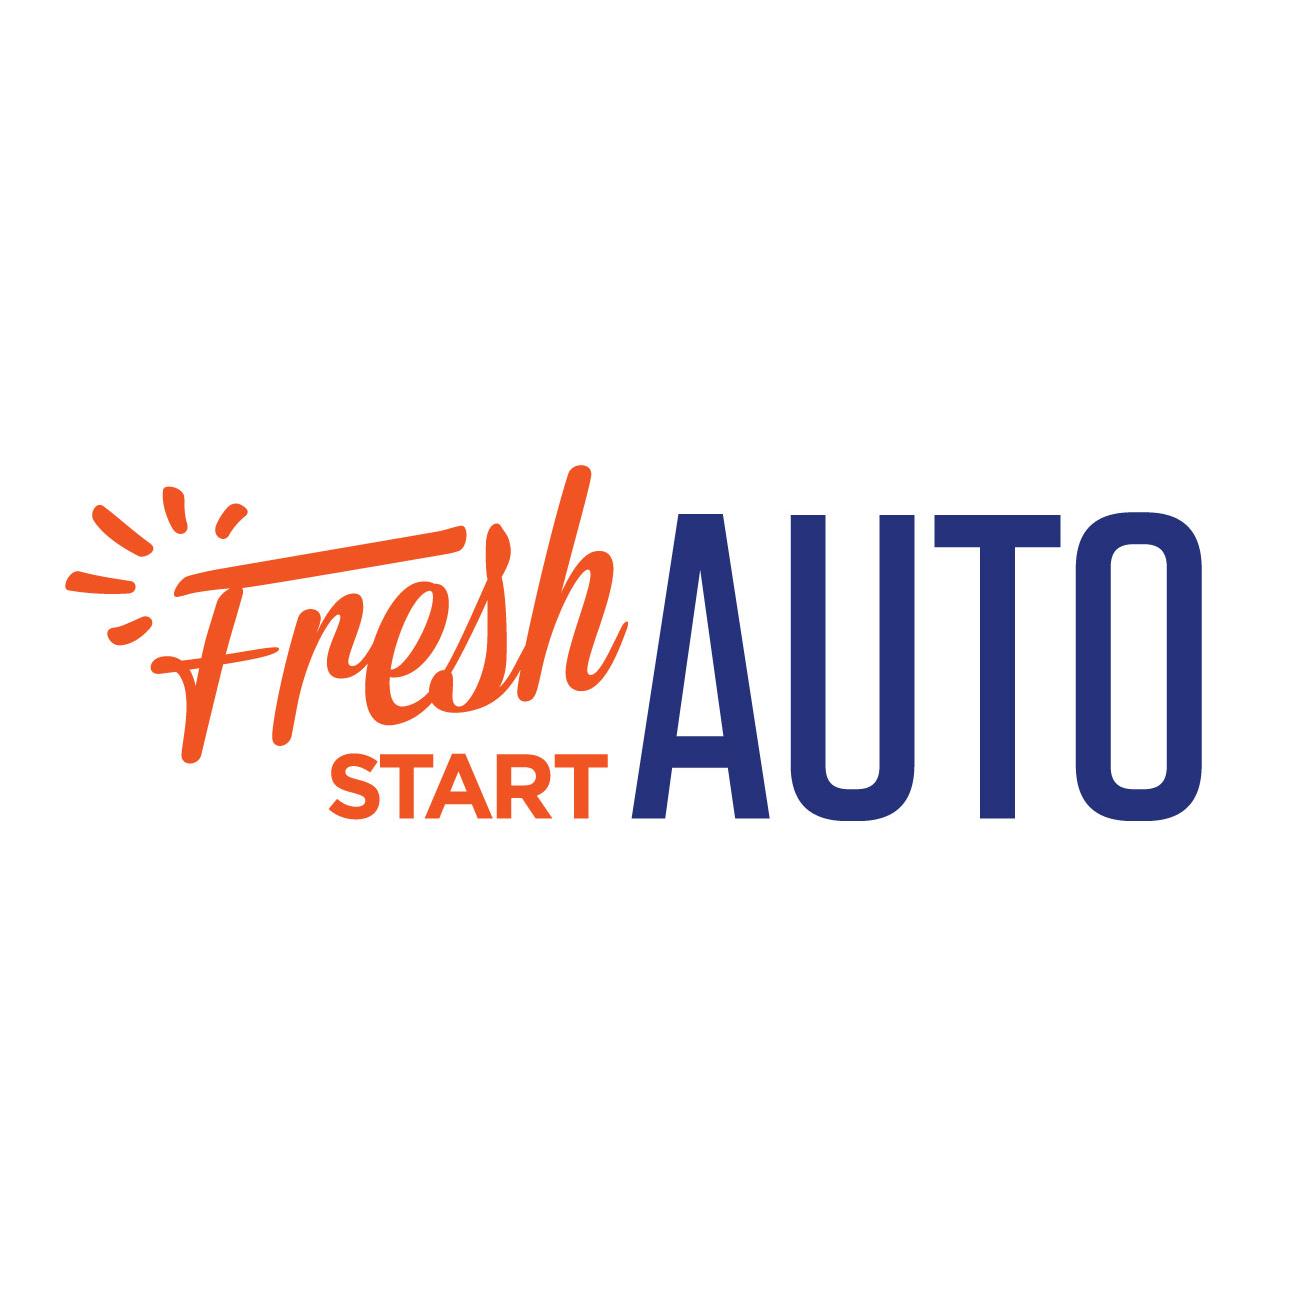 Fresh Start Auto